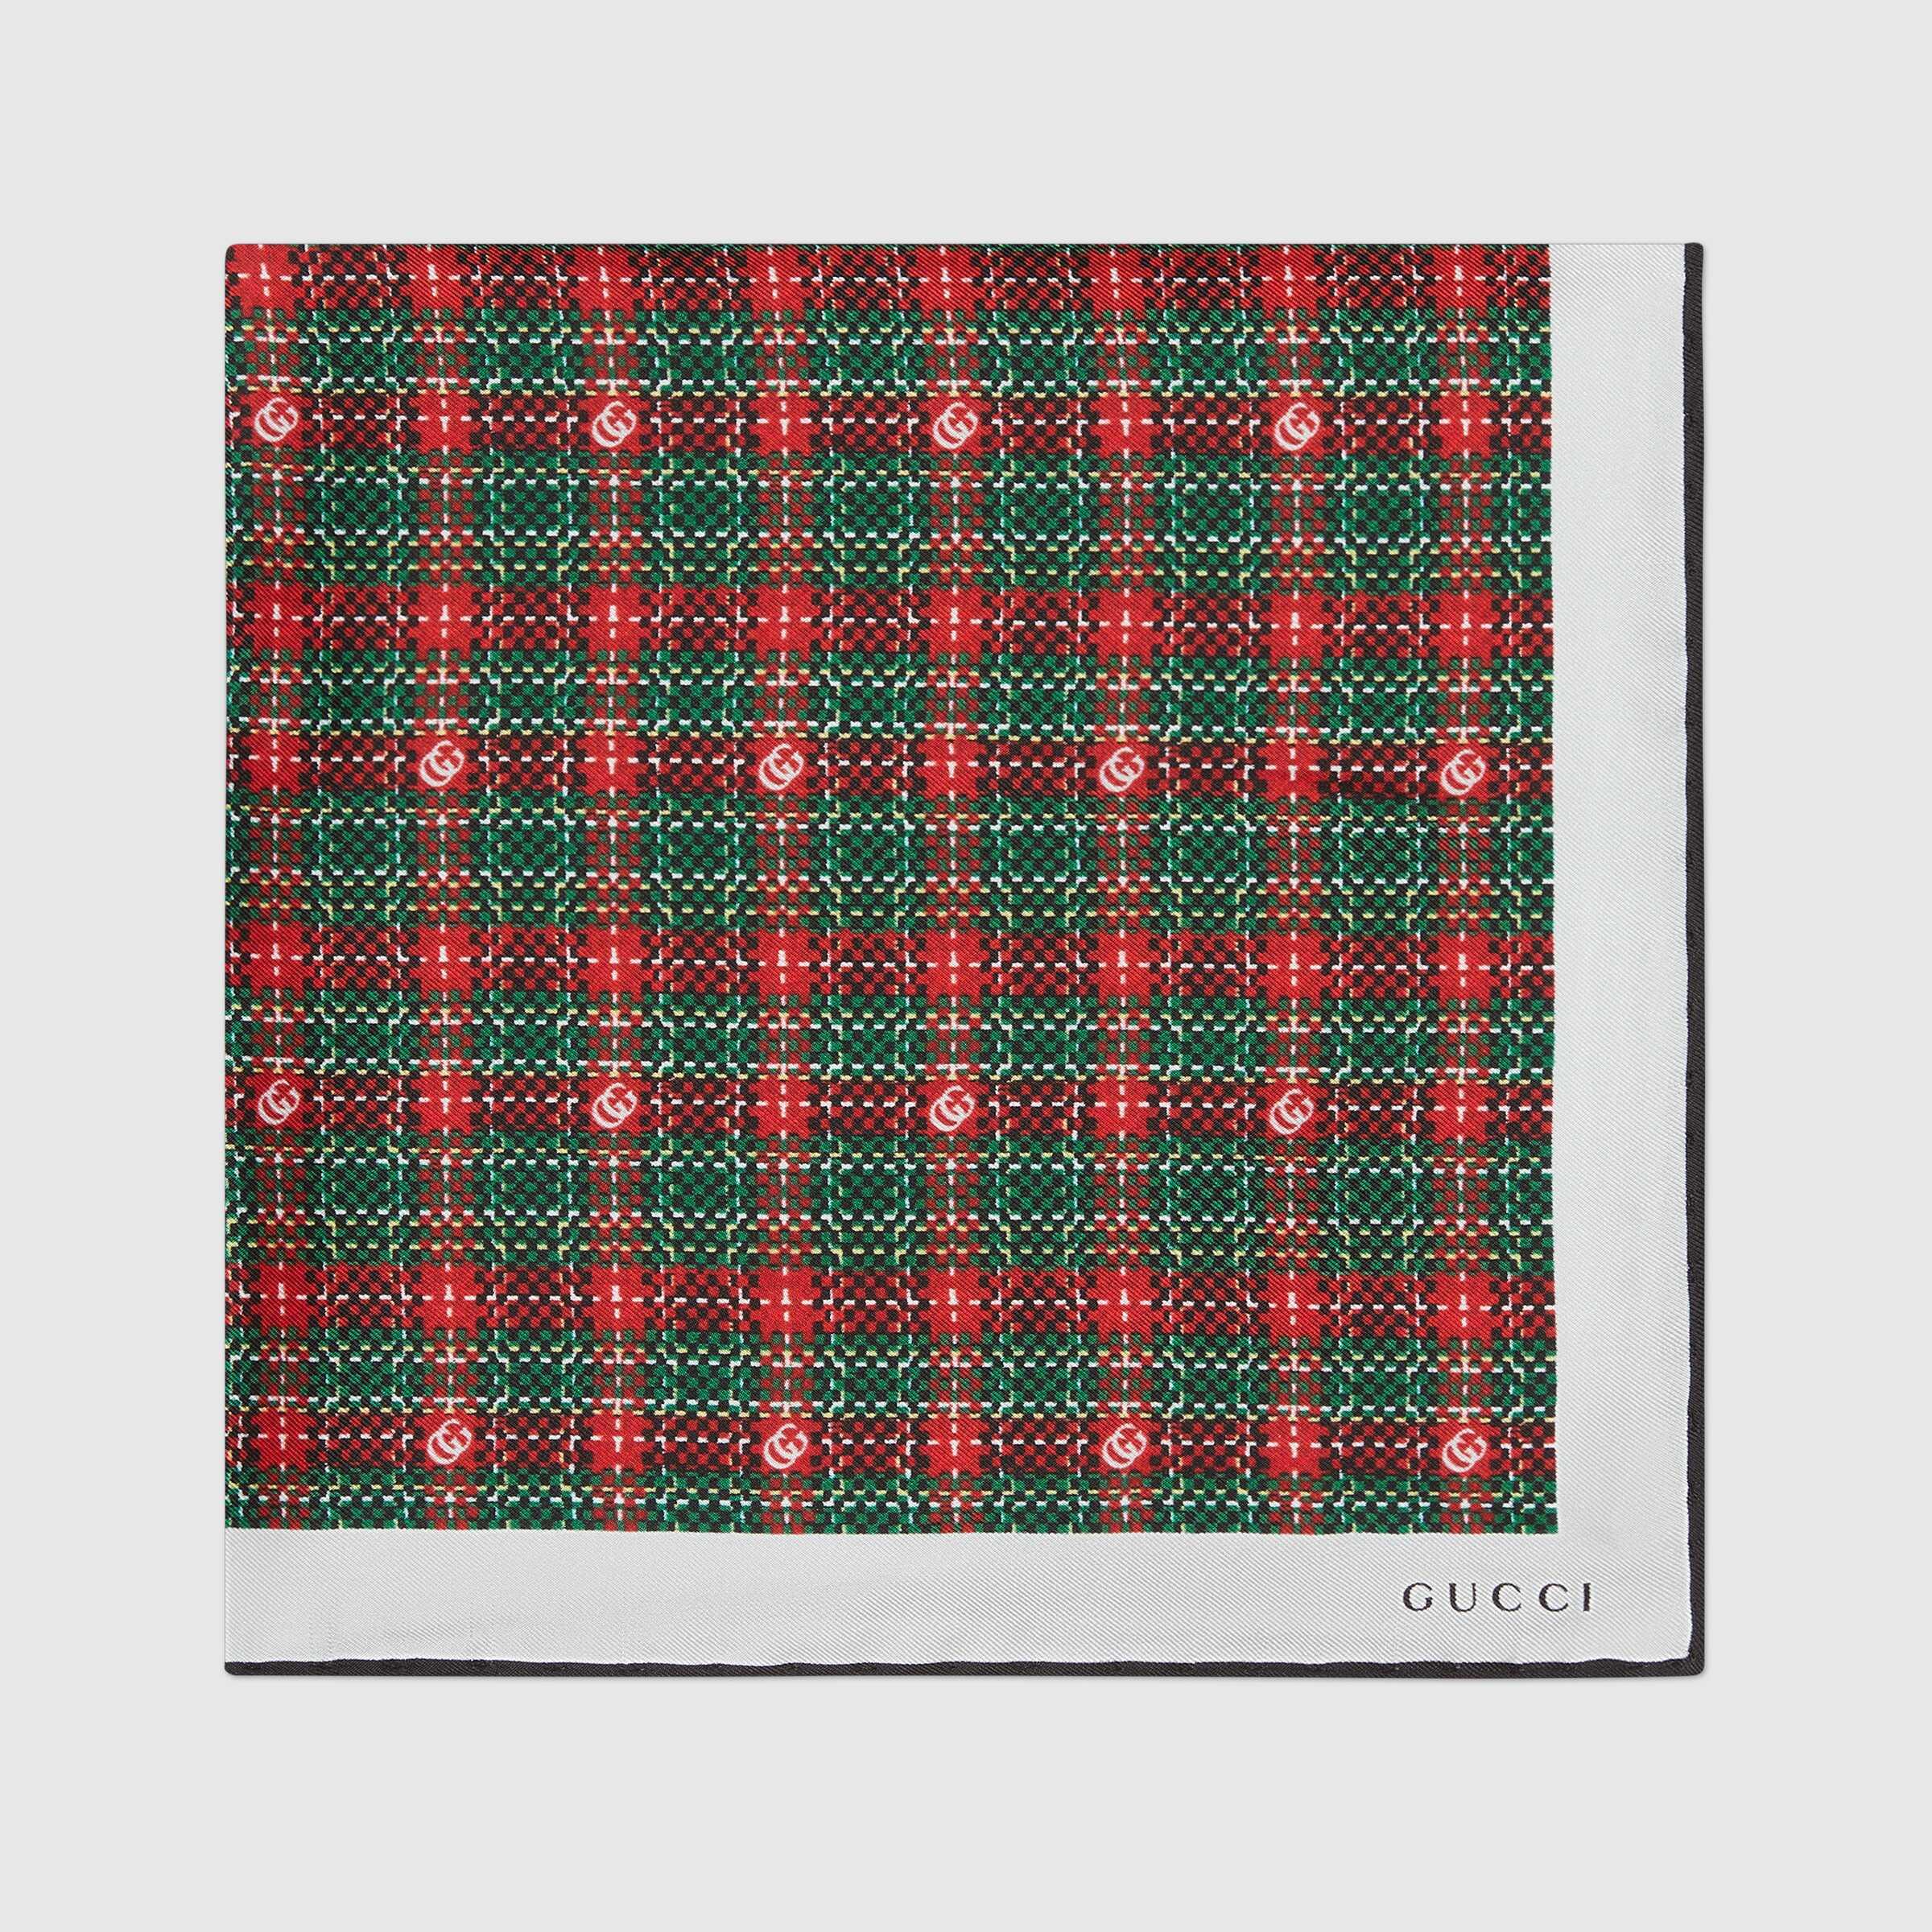 유럽직배송 구찌 GUCCI Gucci Check print silk pocket square 6496444G0013174